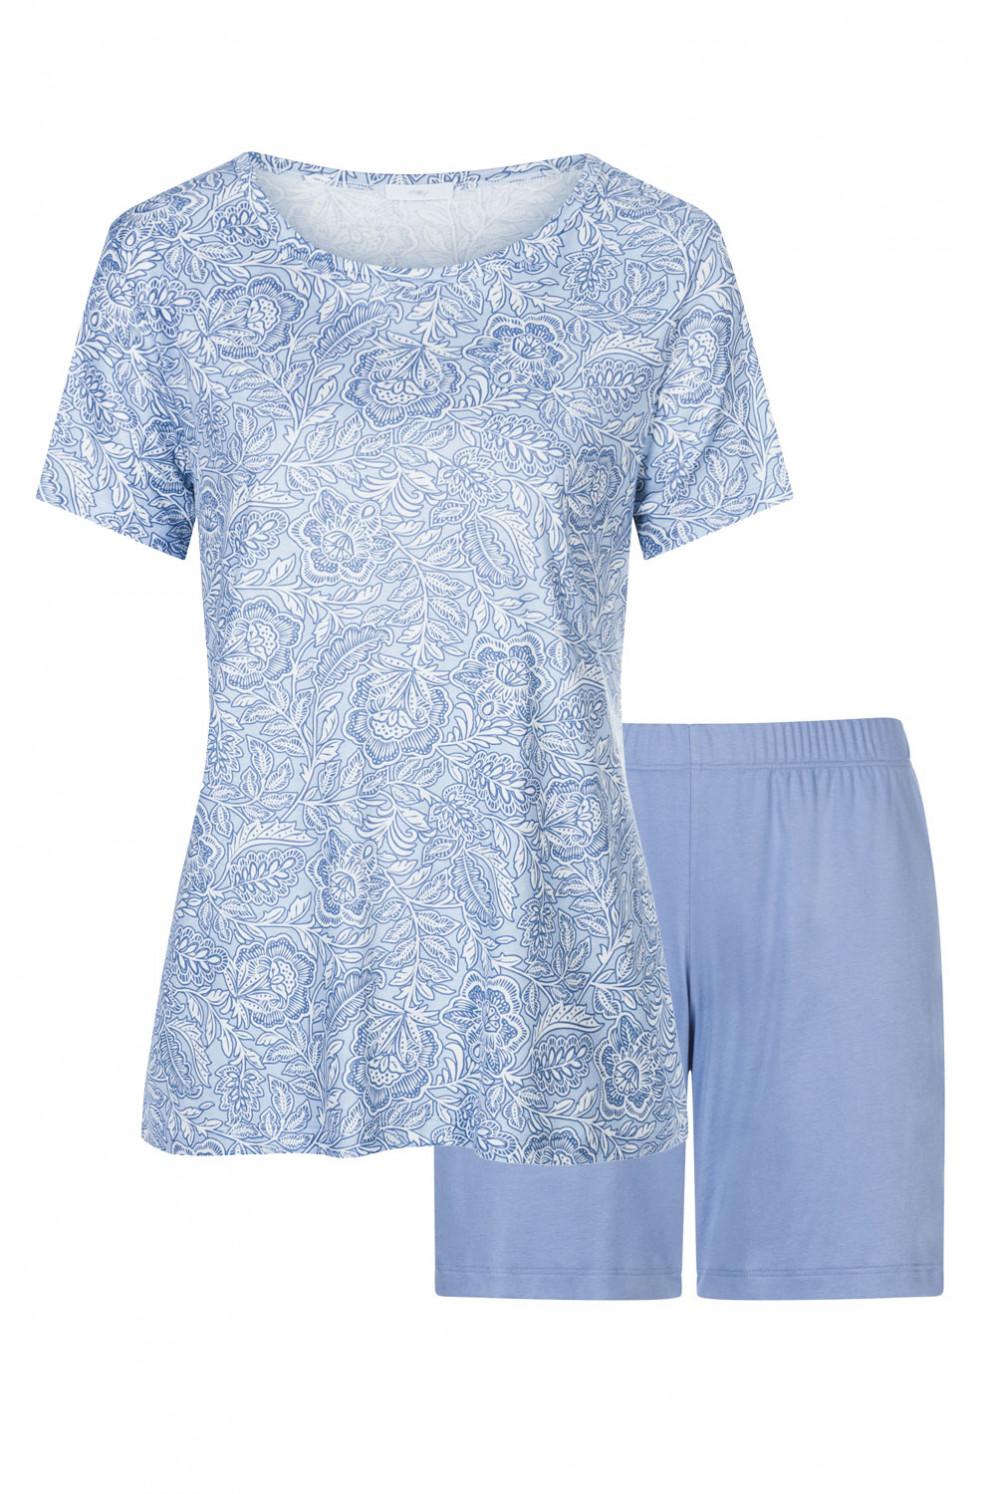 a285cb6763 Vergrößern Abbildung zu Pyjama Bermuda (13237) der Marke Mey Damenwäsche  aus der Serie Vicky ...